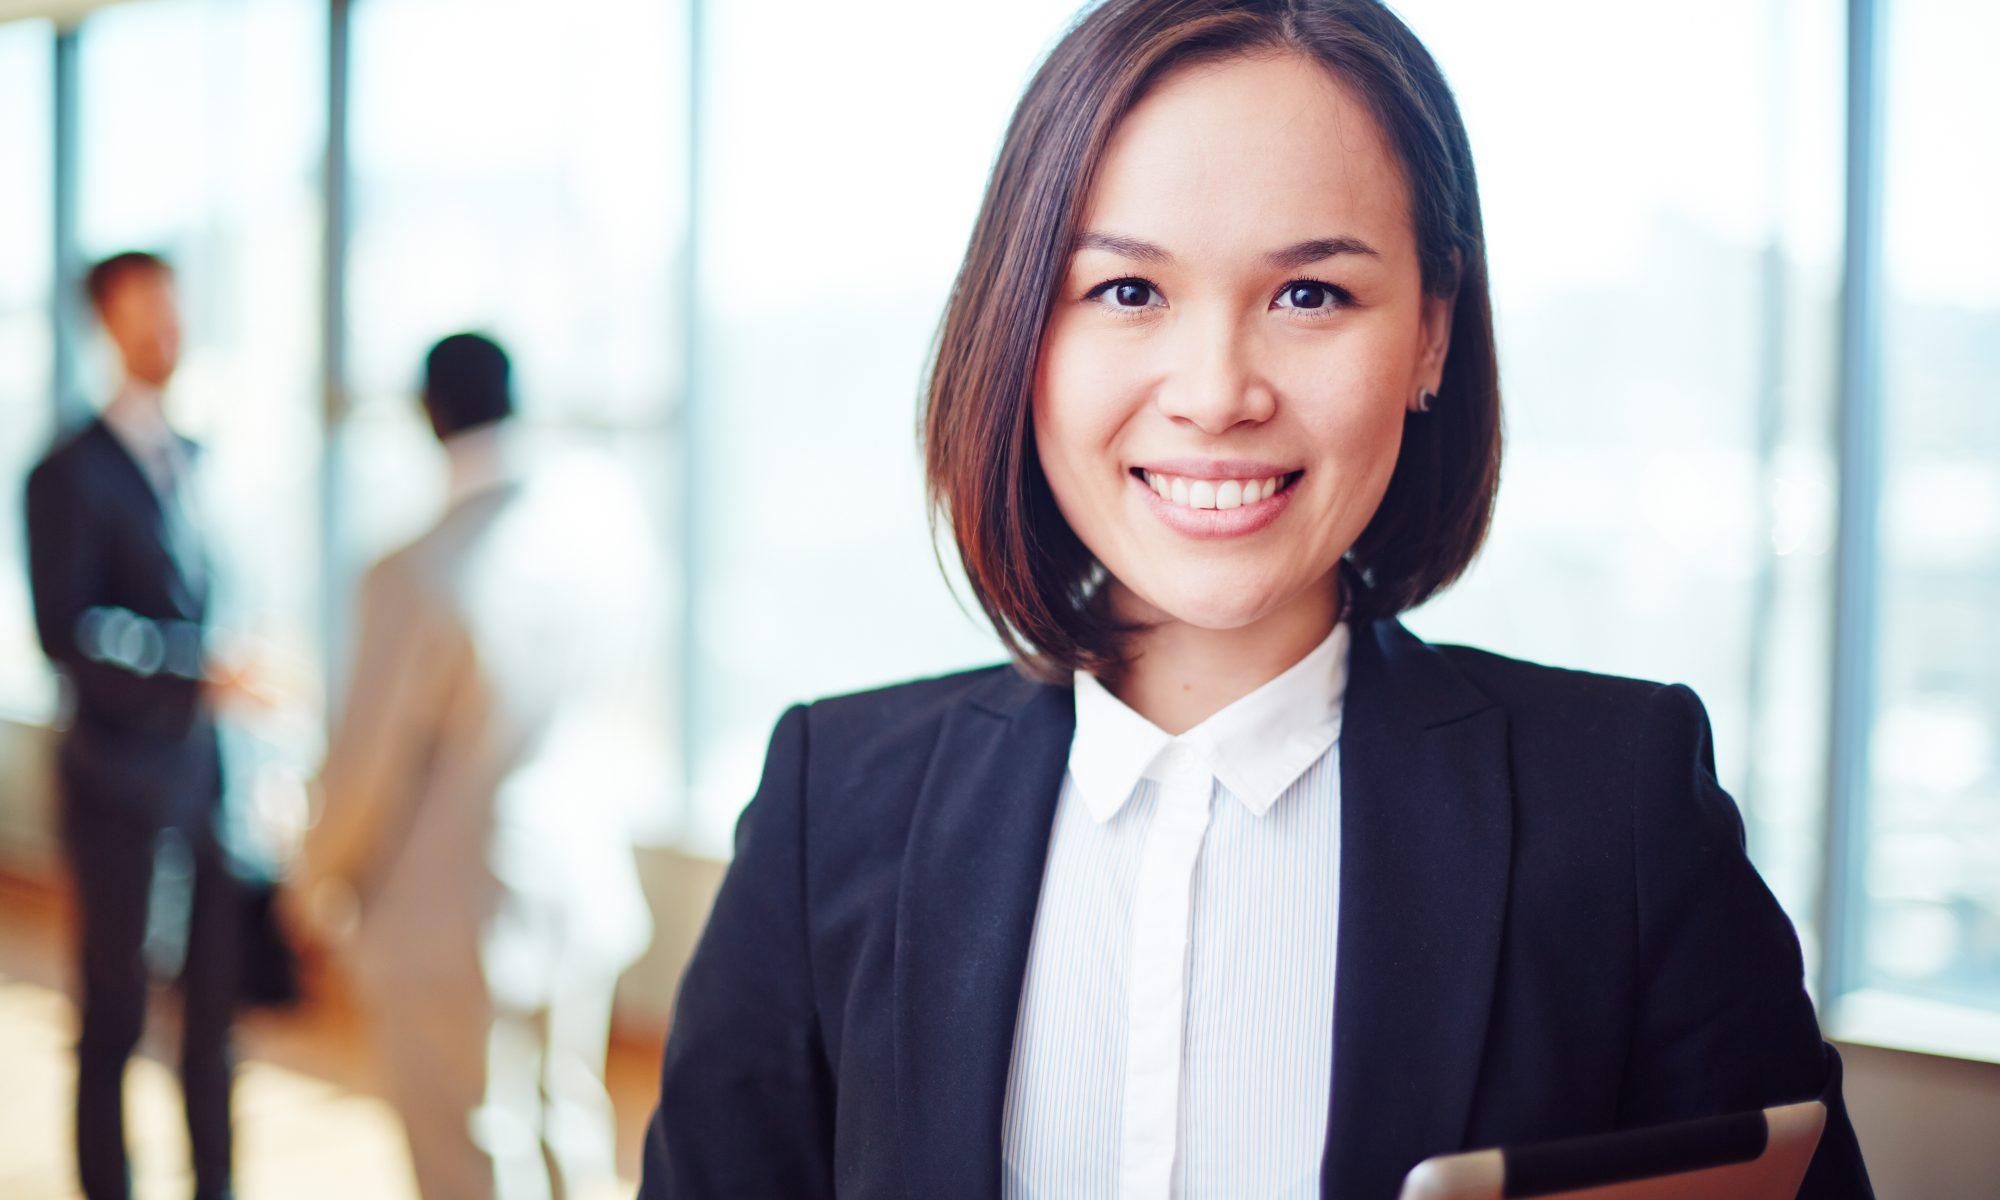 Female Management Consultant